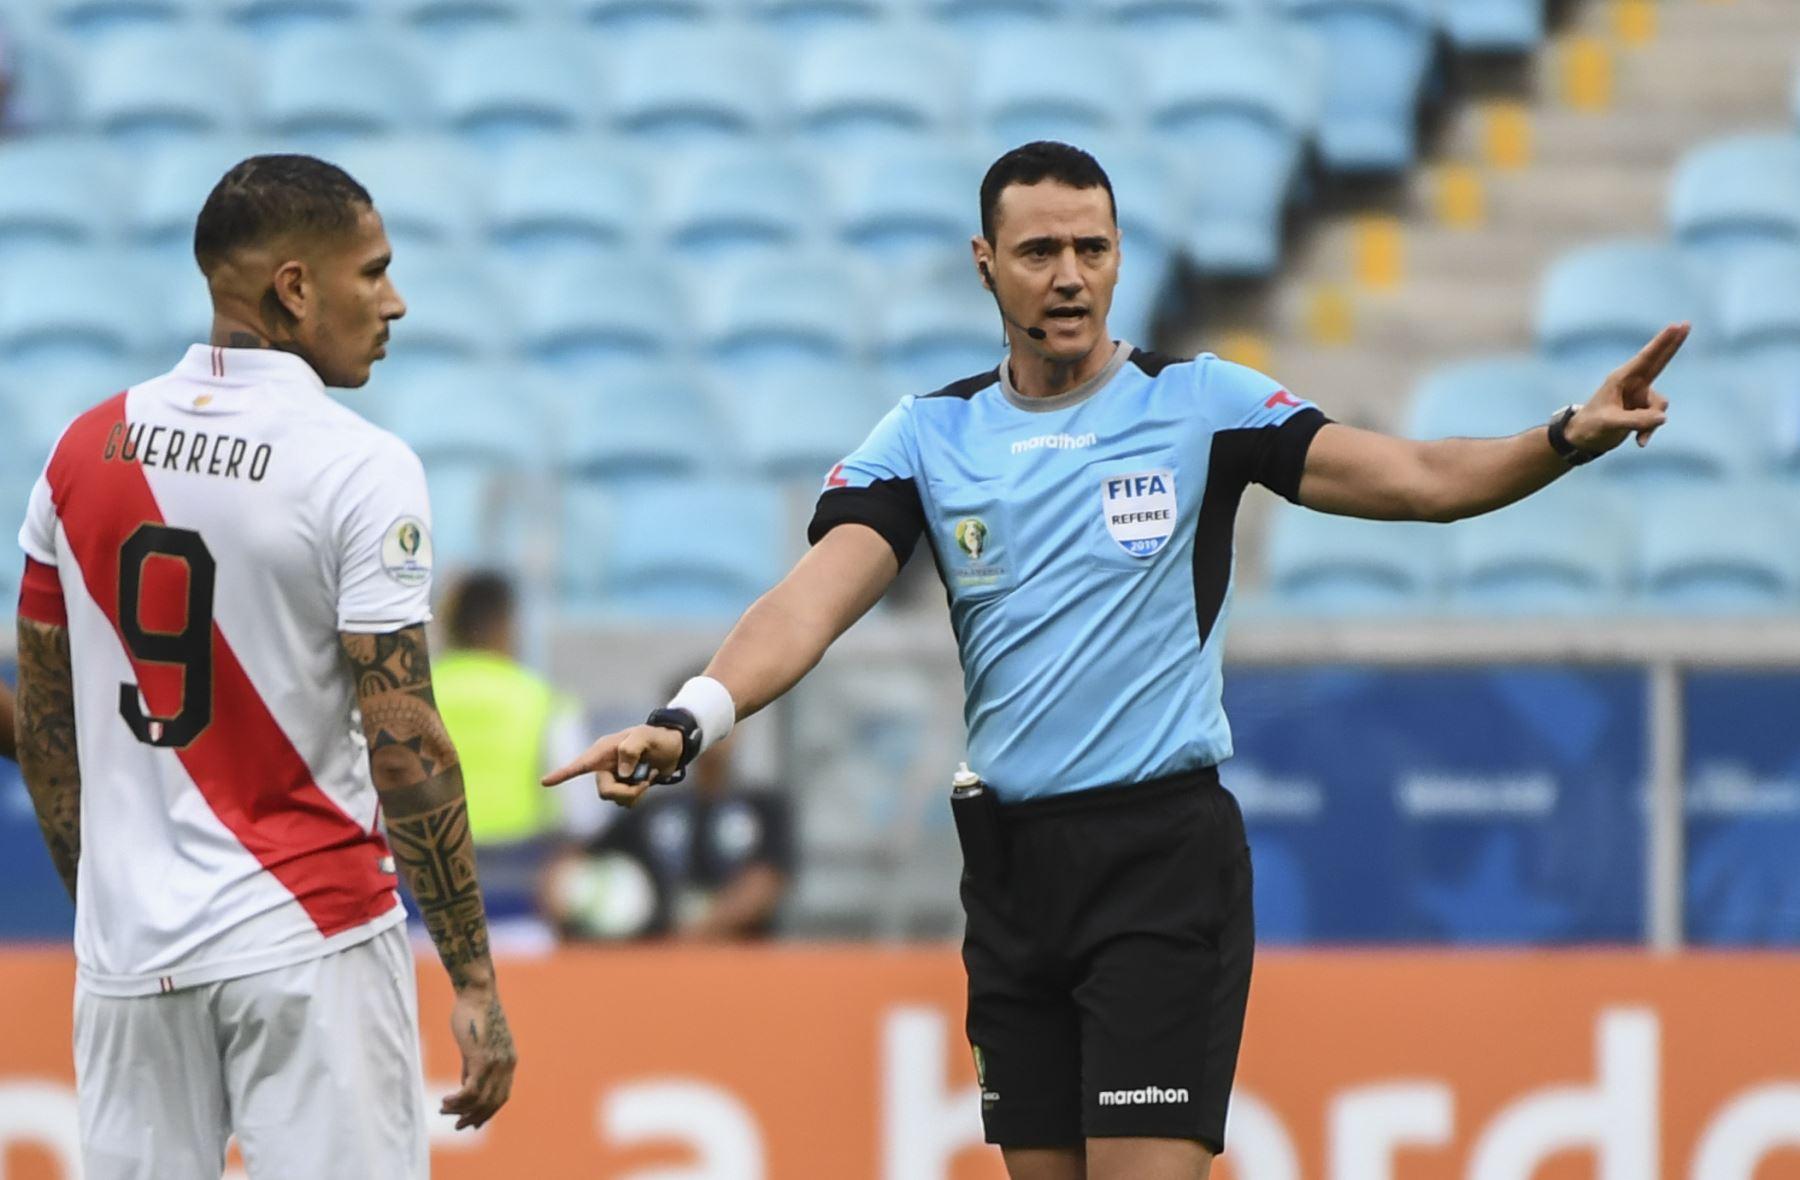 El árbitro colombiano Wilmar Roldan (R) señala al piloto peruano Paolo Guerrero mientras conduce el partido de torneo de fútbol de la Copa América entre Venezuela y Perú en el Gremio Arena en Porto Alegre. Foto: AFP